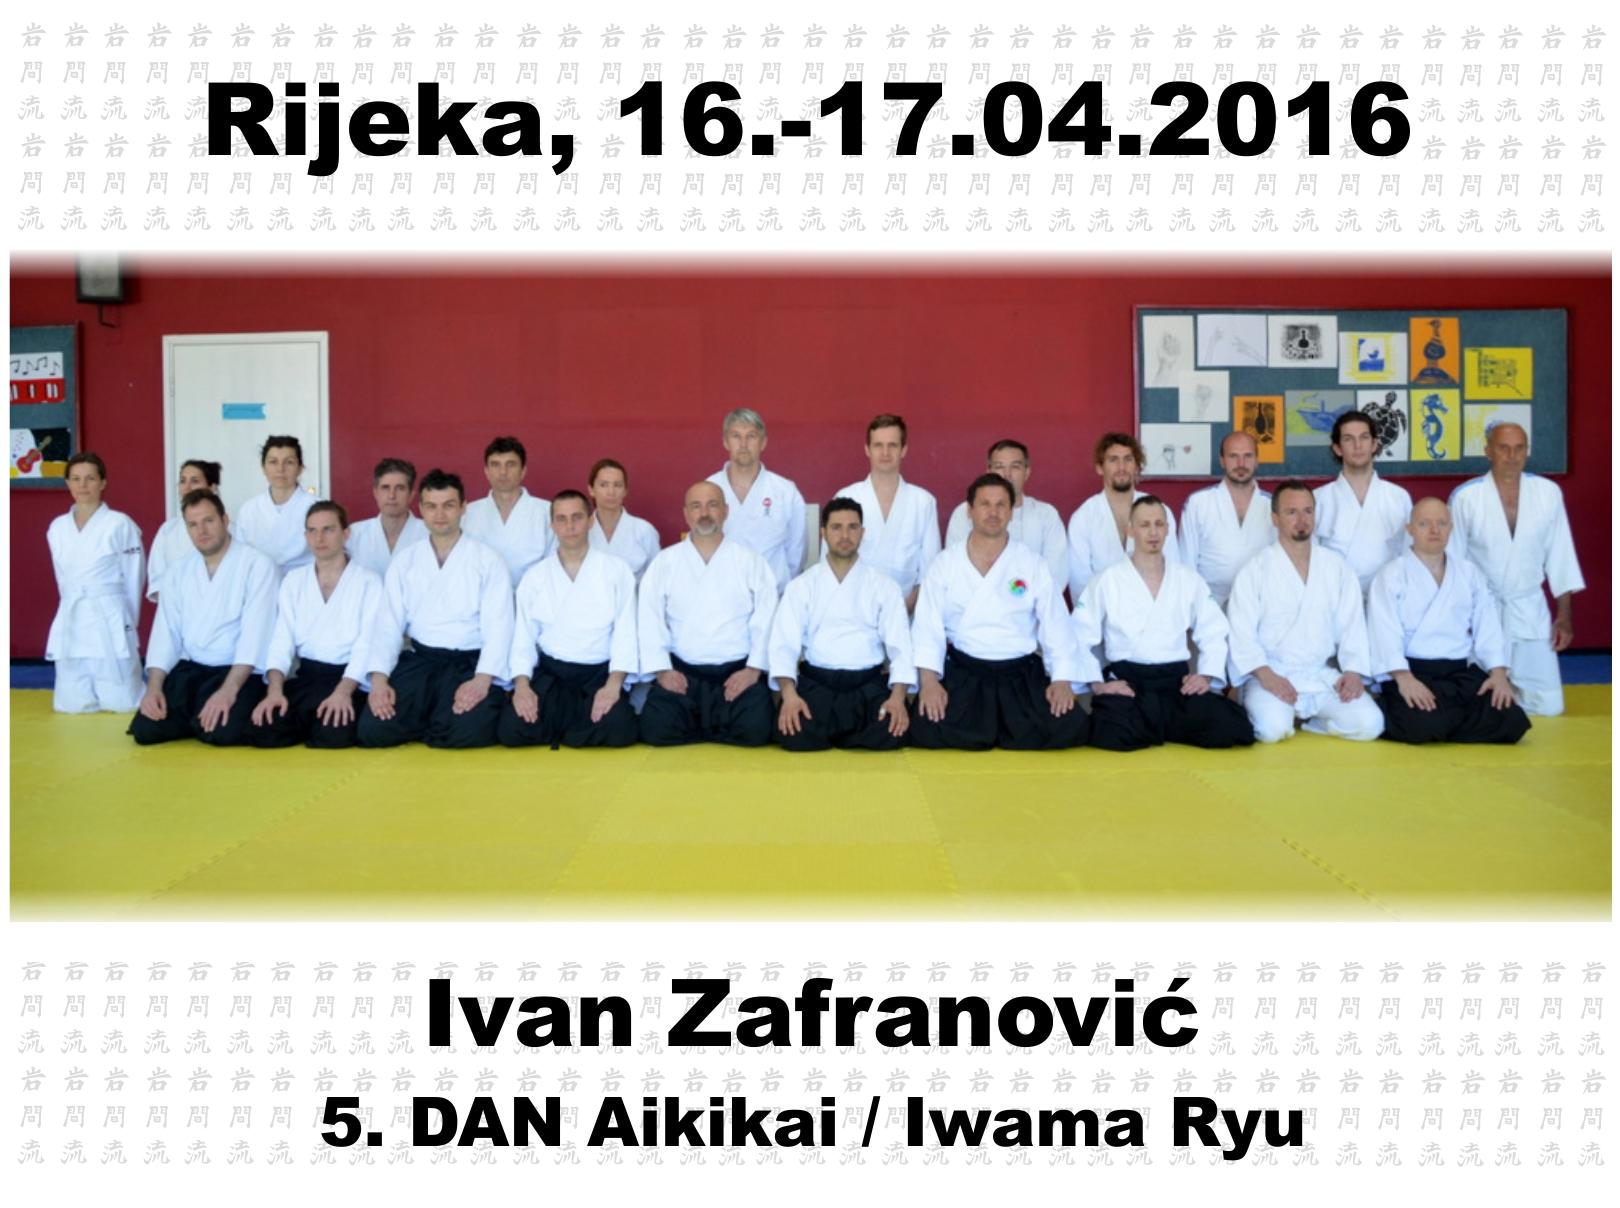 Rijeka 2016